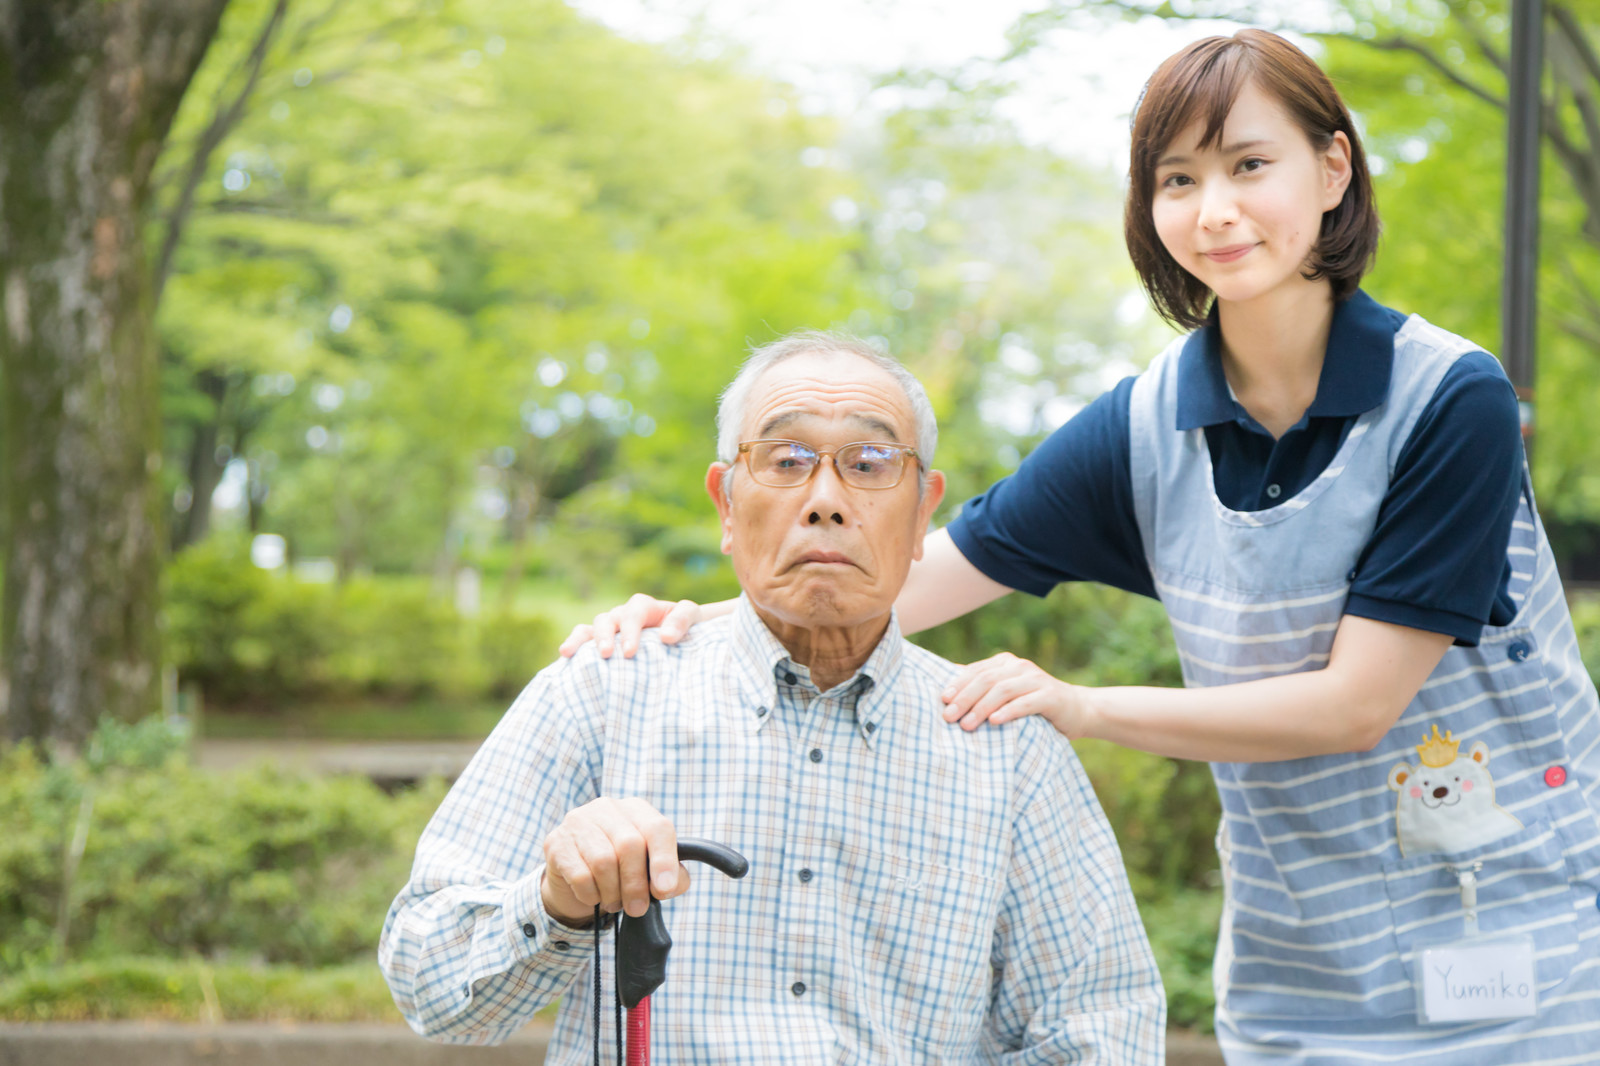 「介護士さんと記念撮影するお爺さん」の写真[モデル:まーちゃん yumiko]